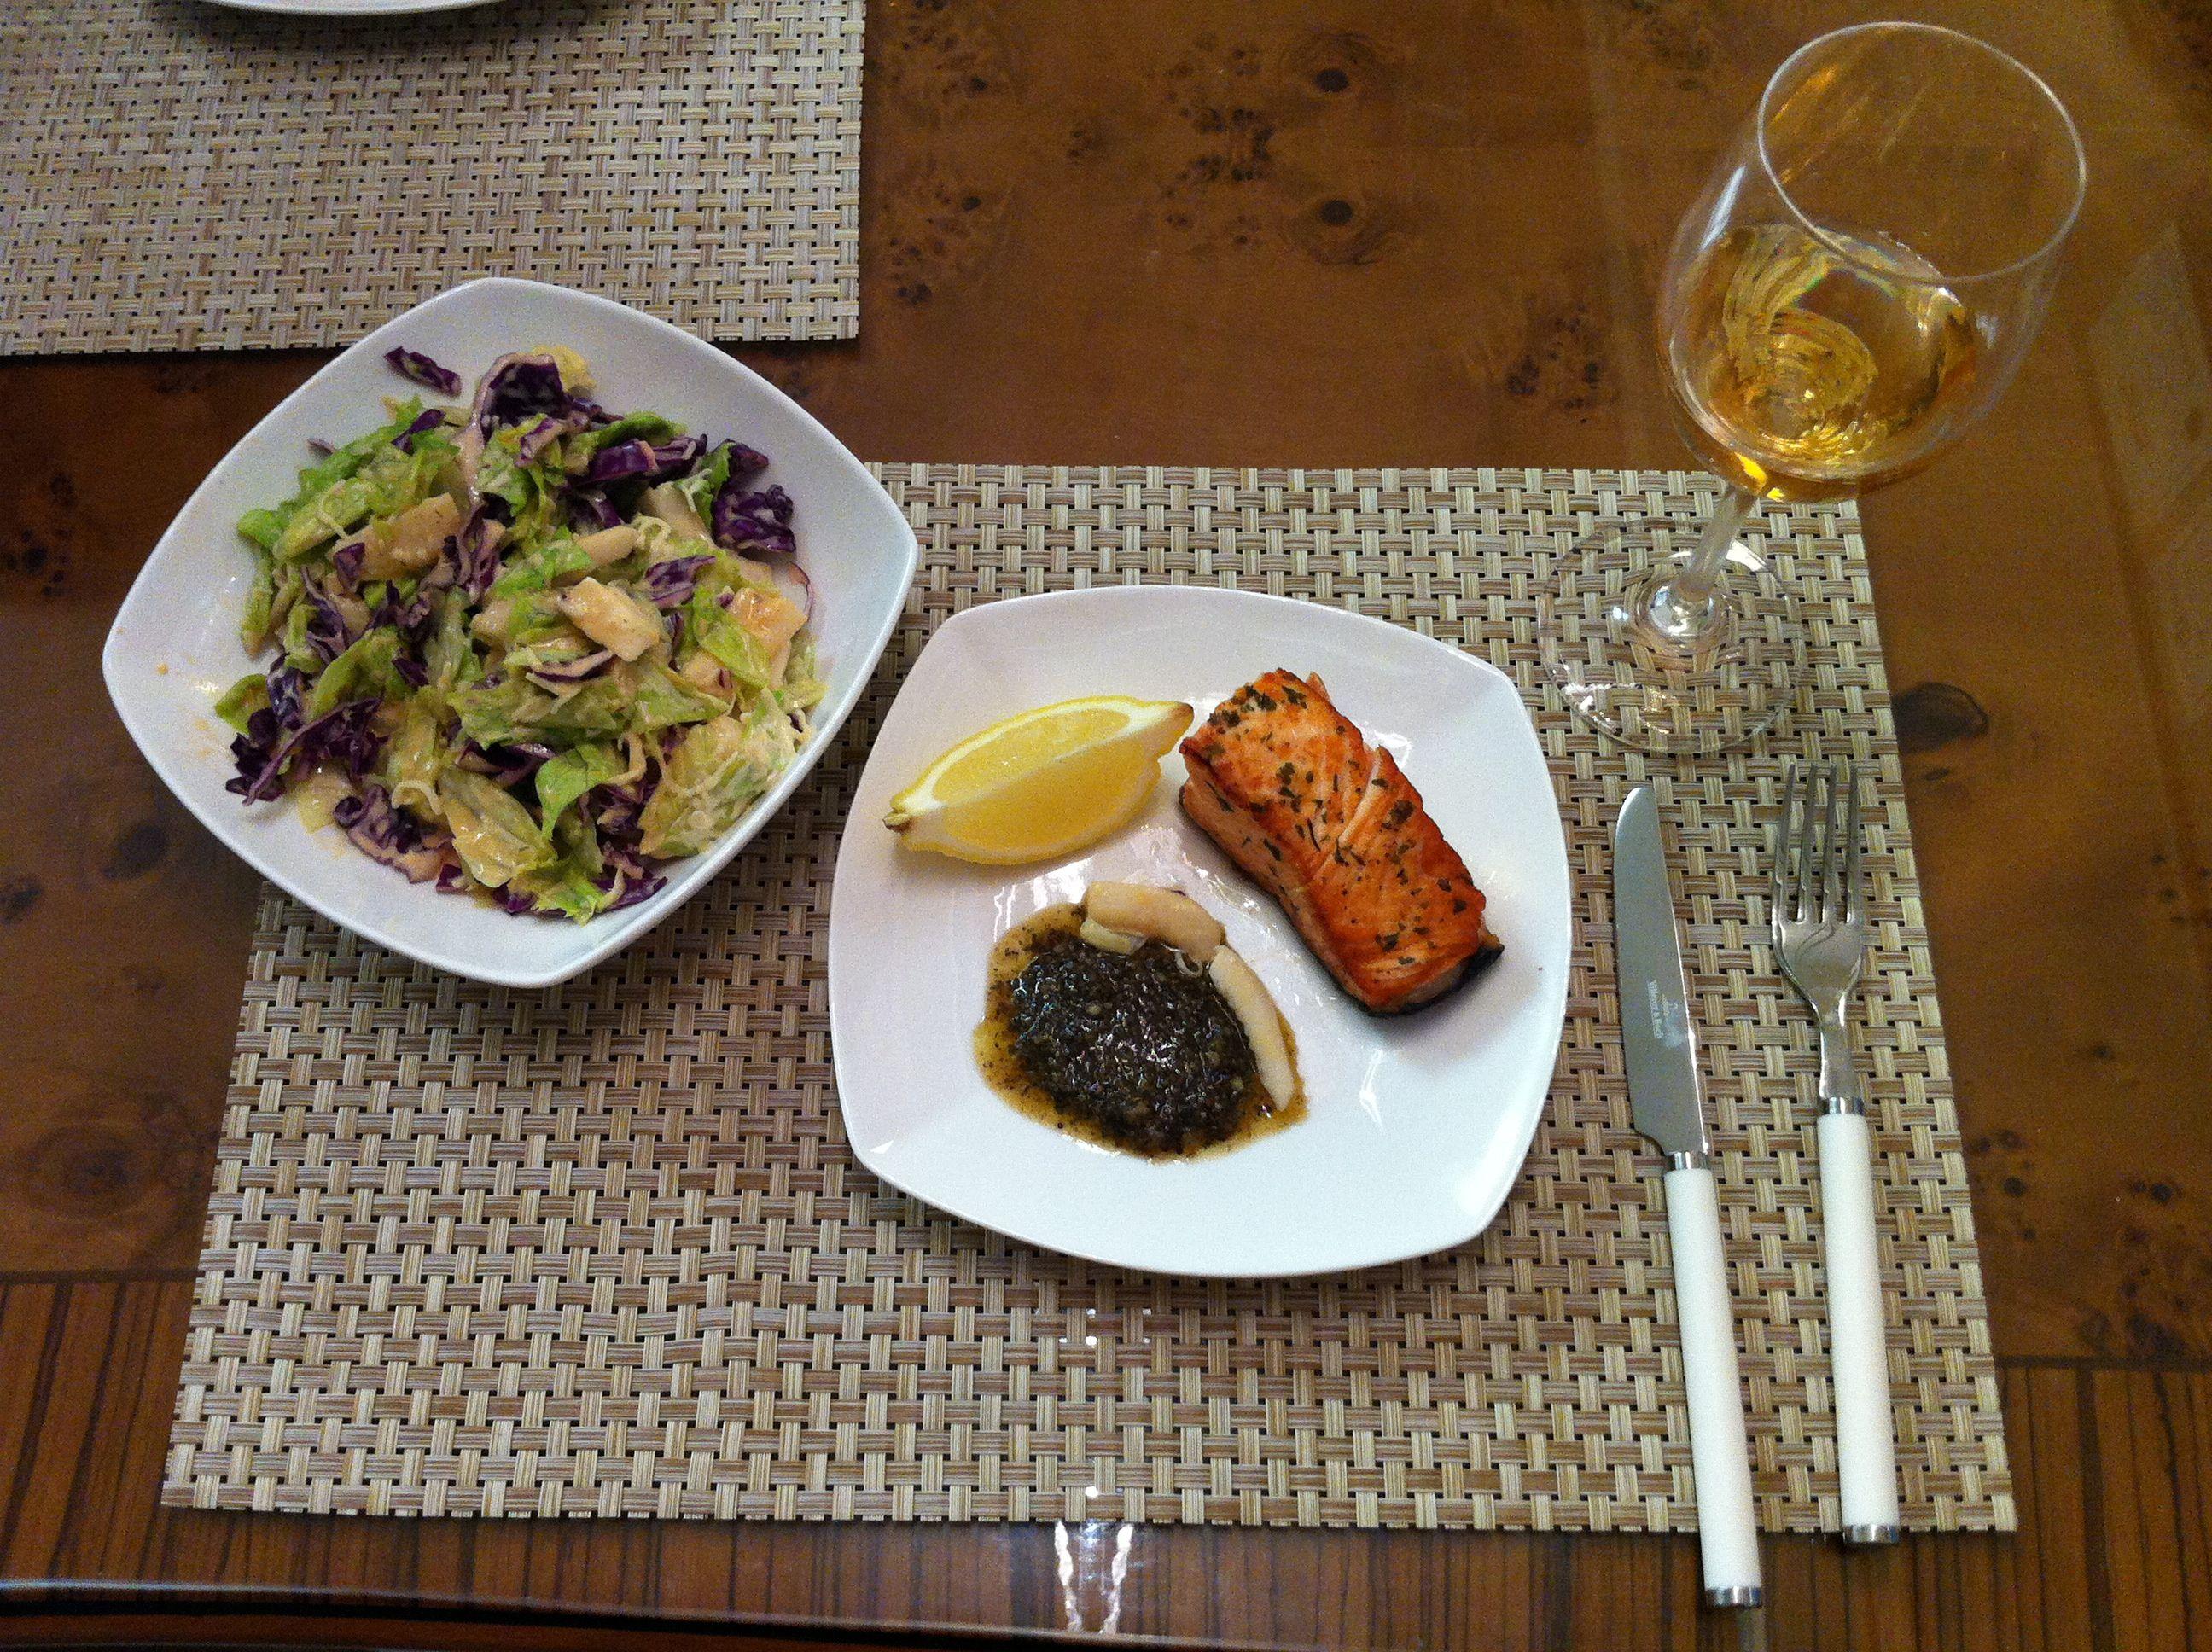 요리: 바질파스토를 곁들인 연어스테이크 + 청도 감와인